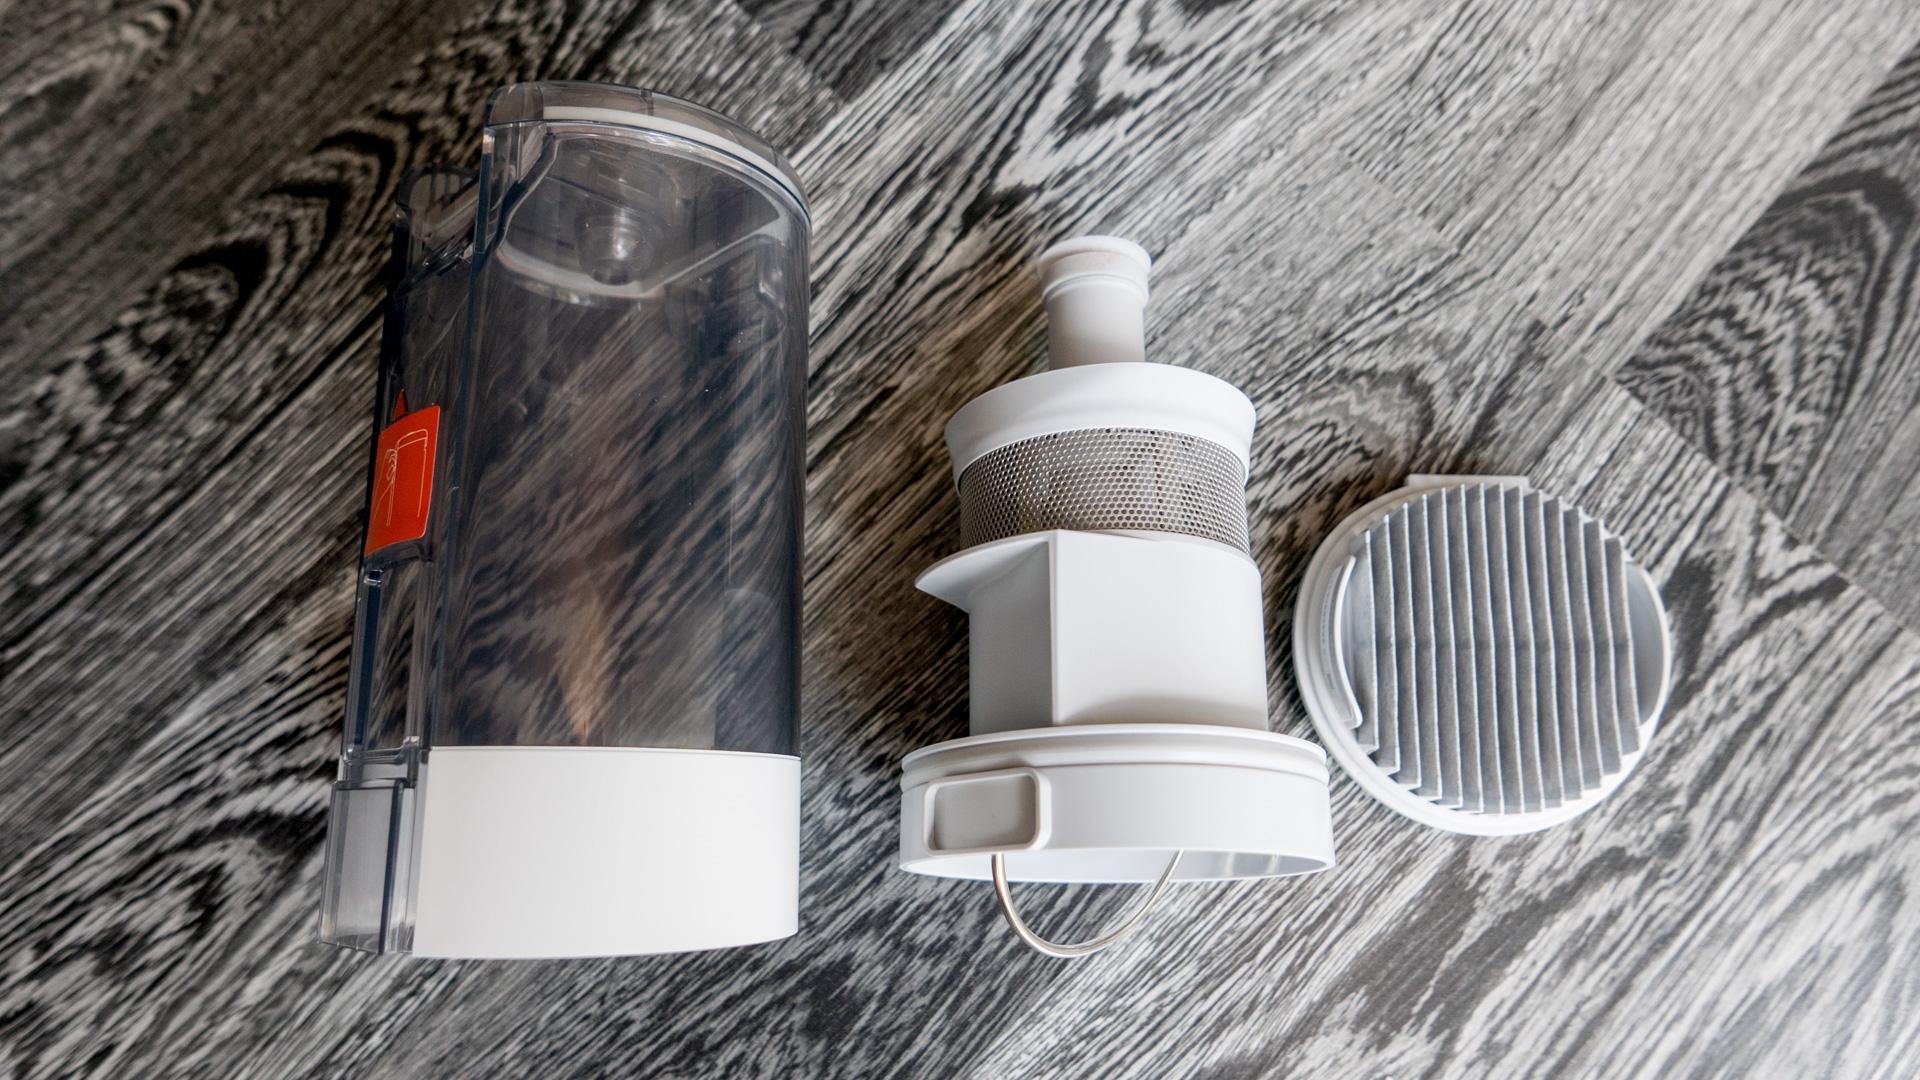 Xiaomi Roidmi Staubbehälter 13